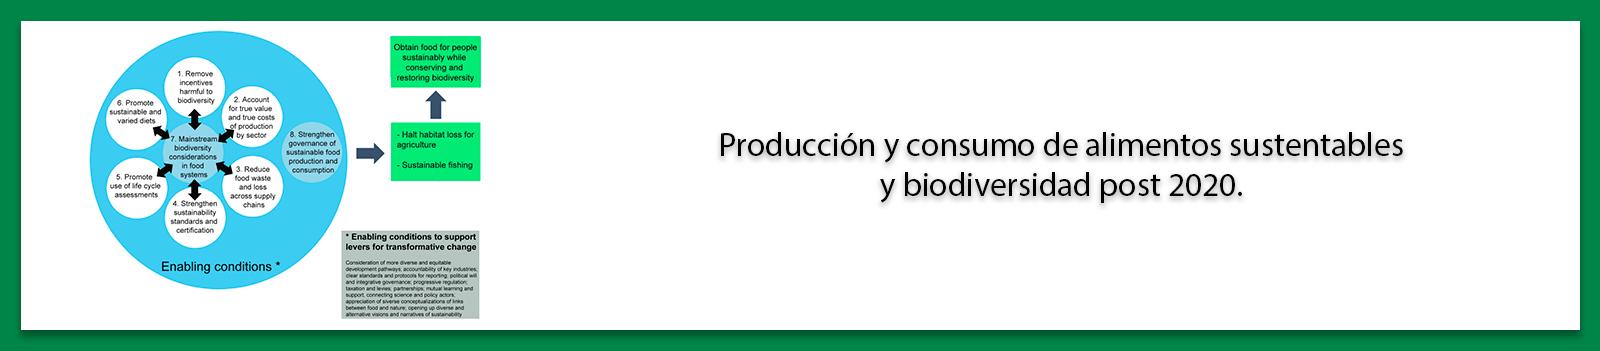 Producción y consumo de alimentos sustentables y biodiversidad post 2020.